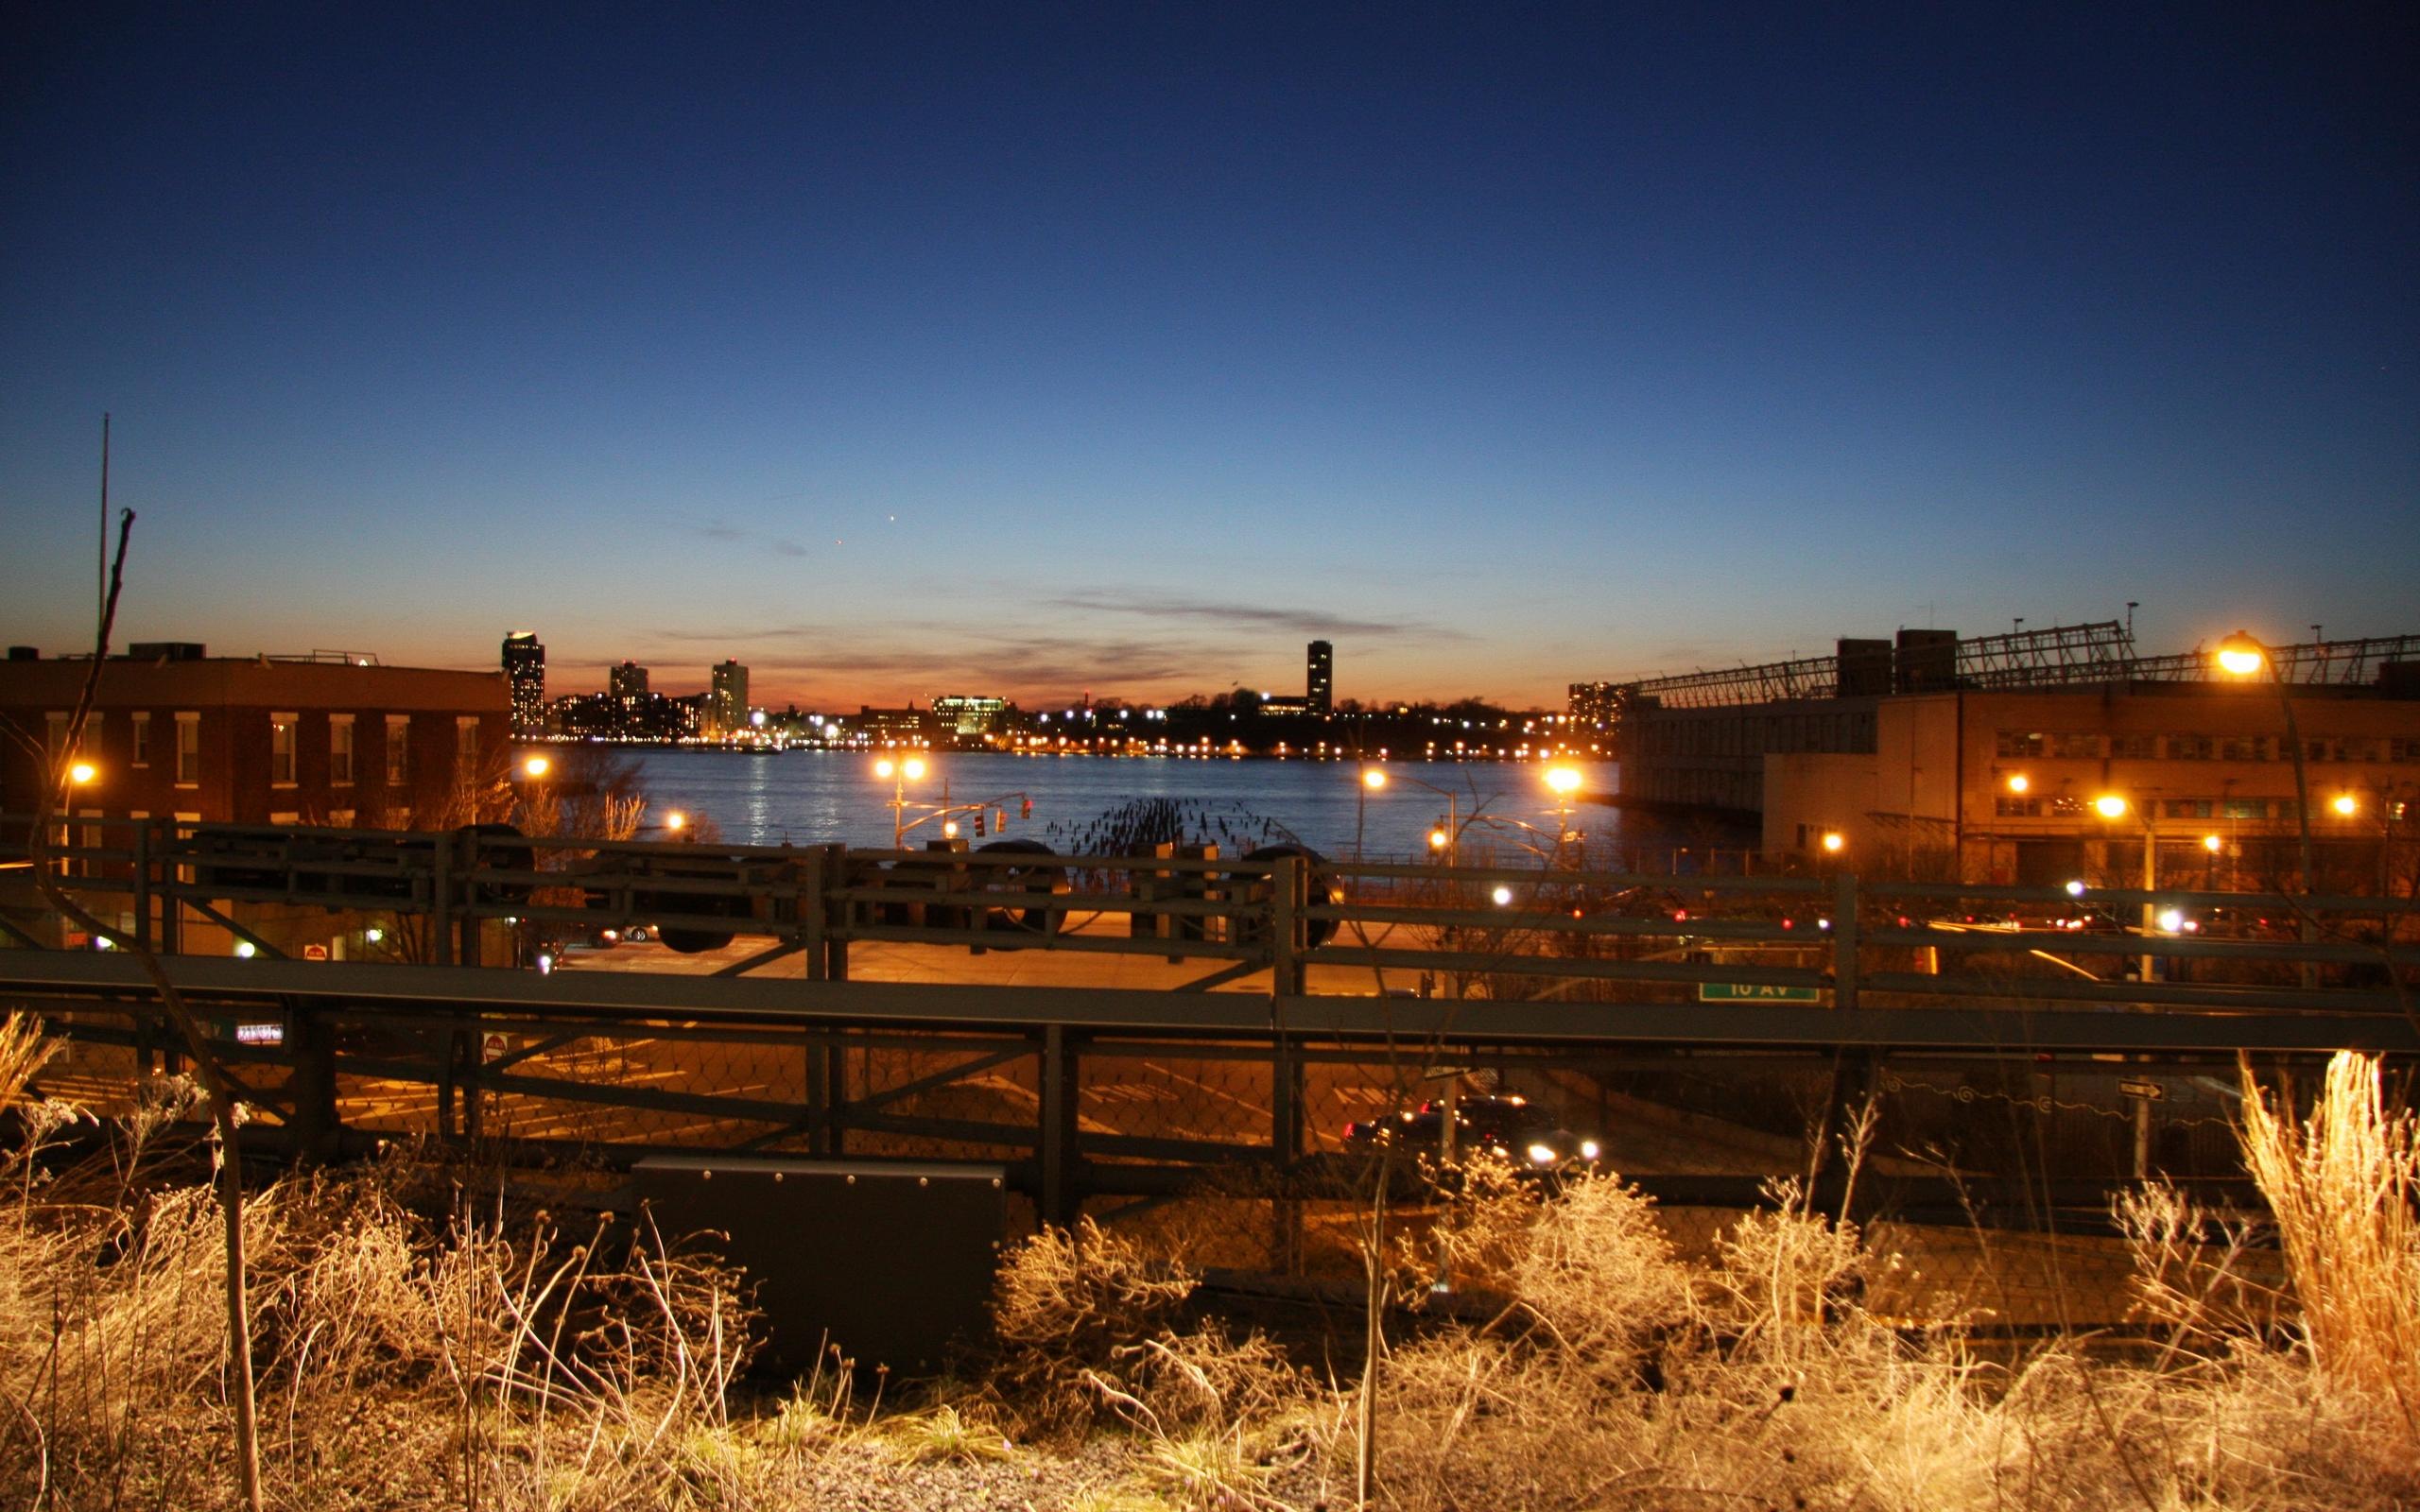 обои ночь, река, набережная, предприятие картинки фото